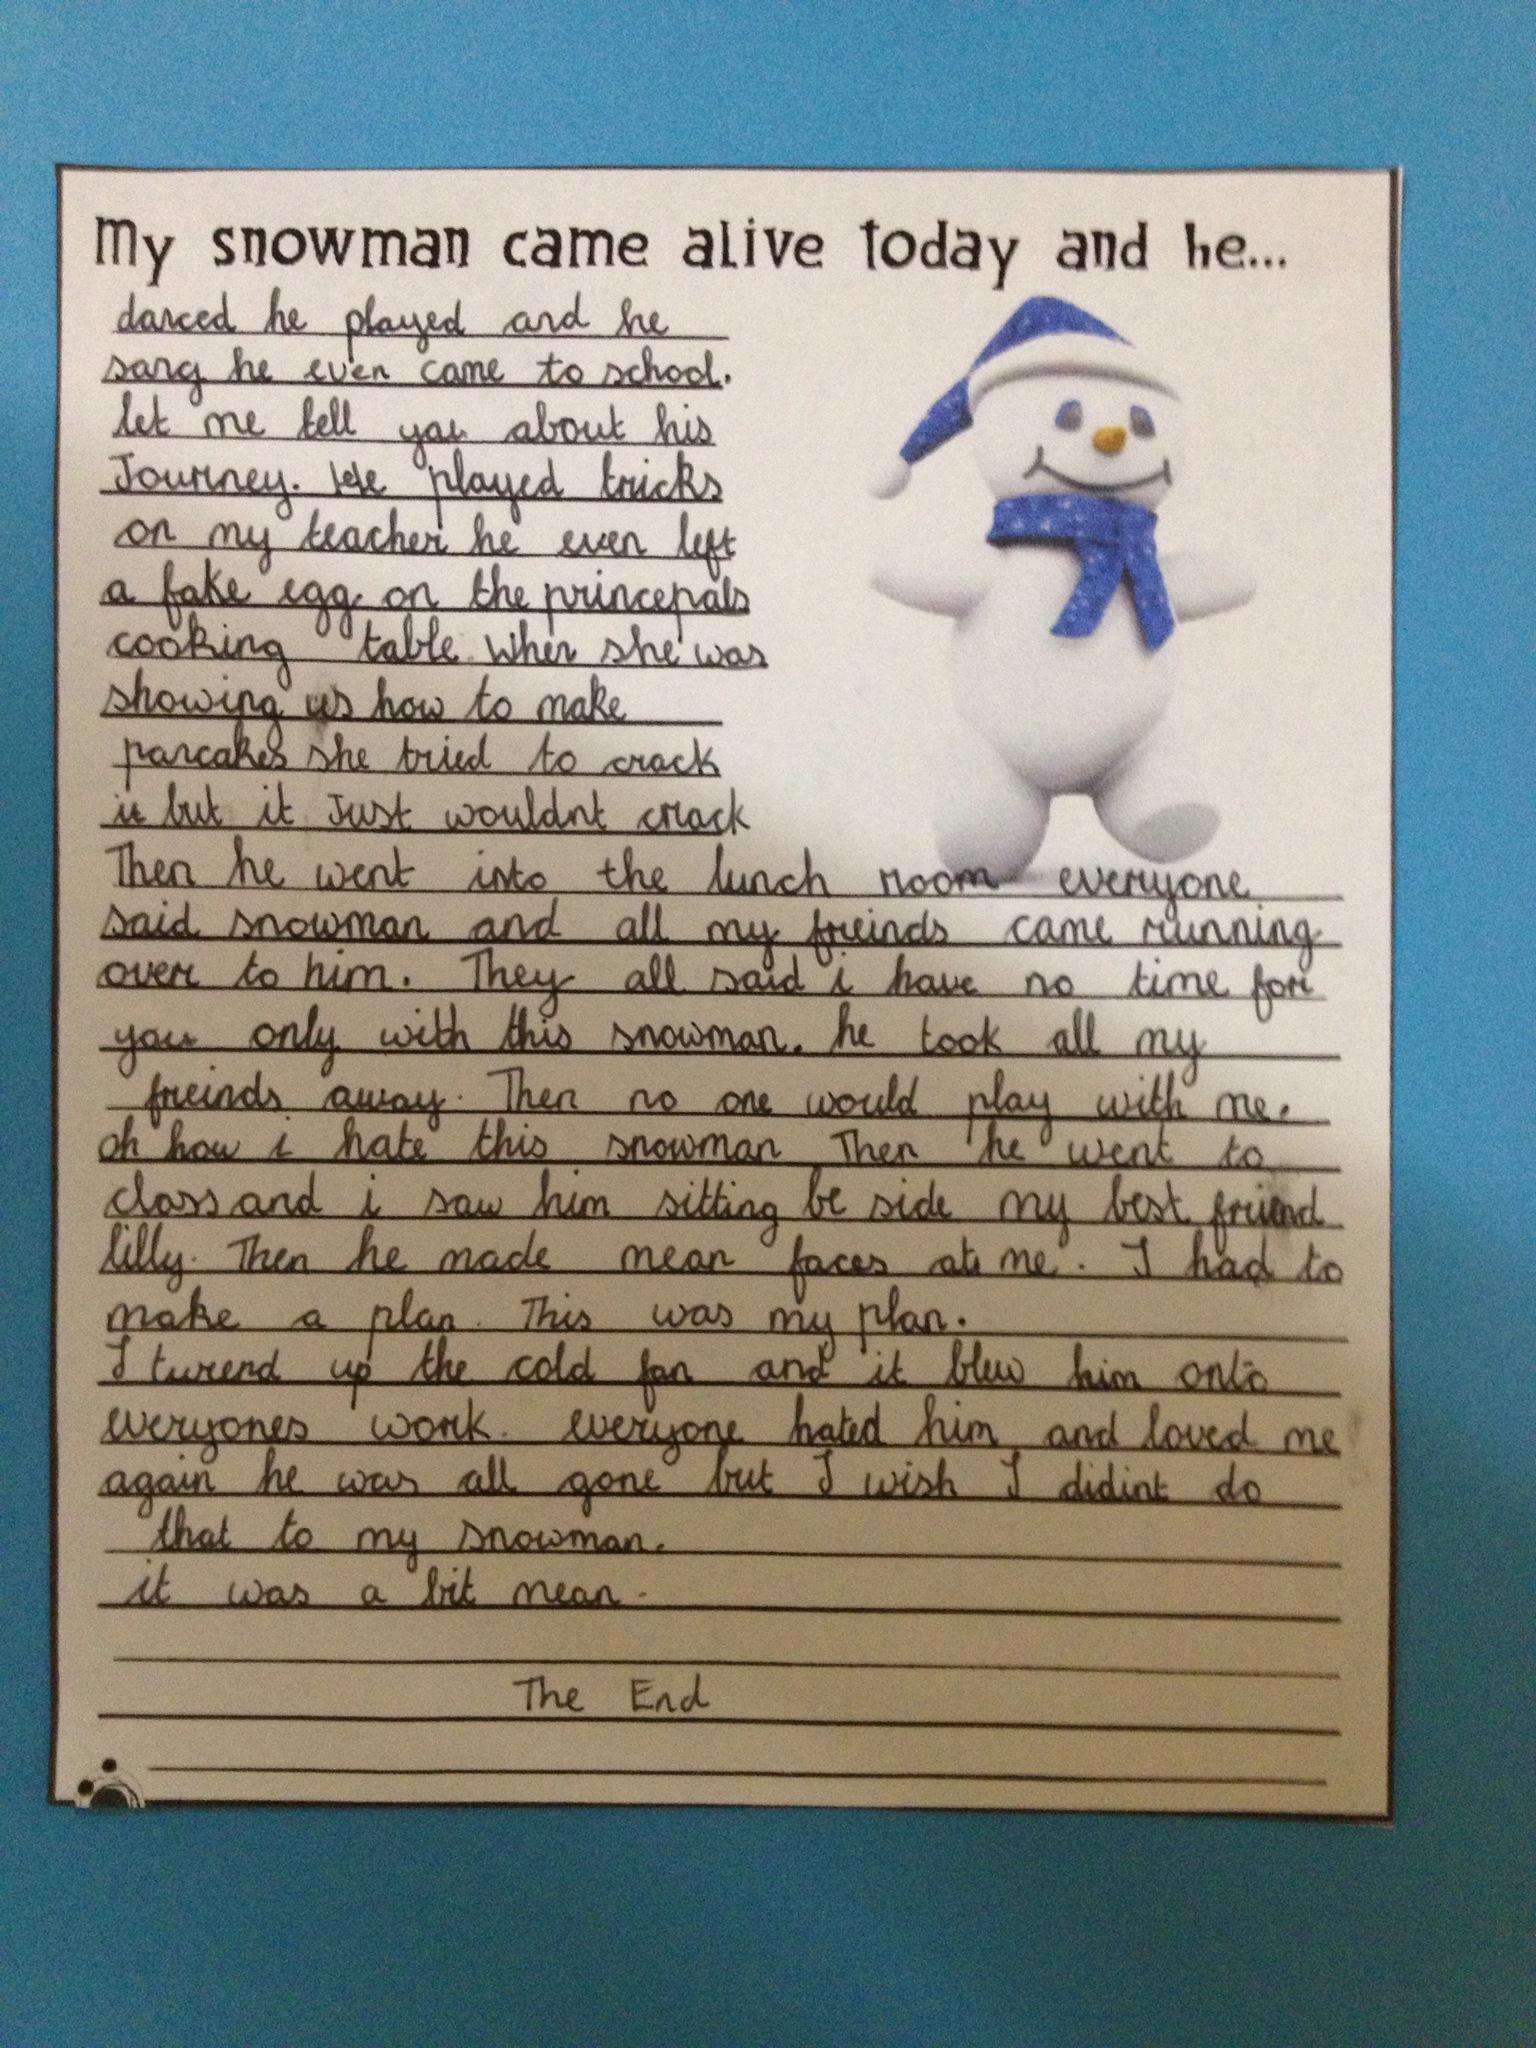 Snowman creative writing